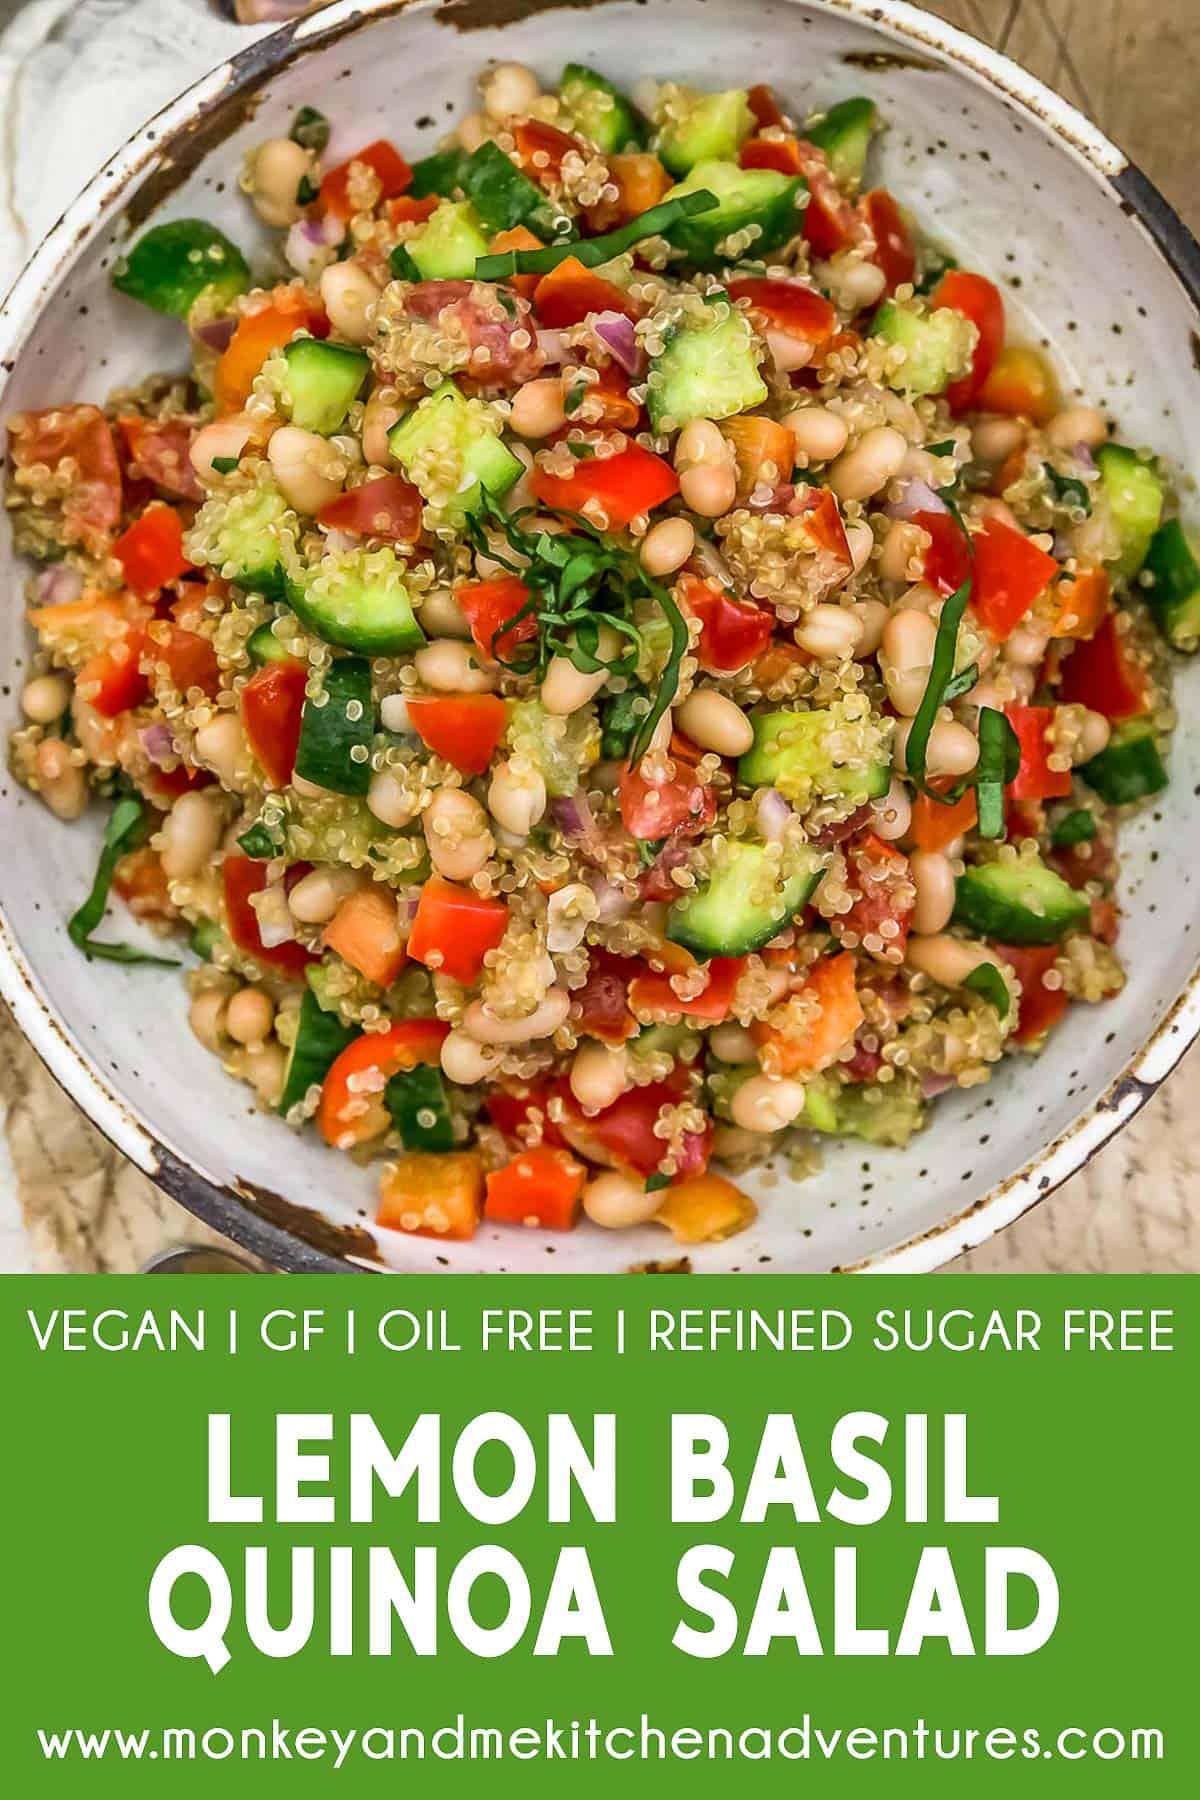 Lemon Basil Quinoa Salad with text description